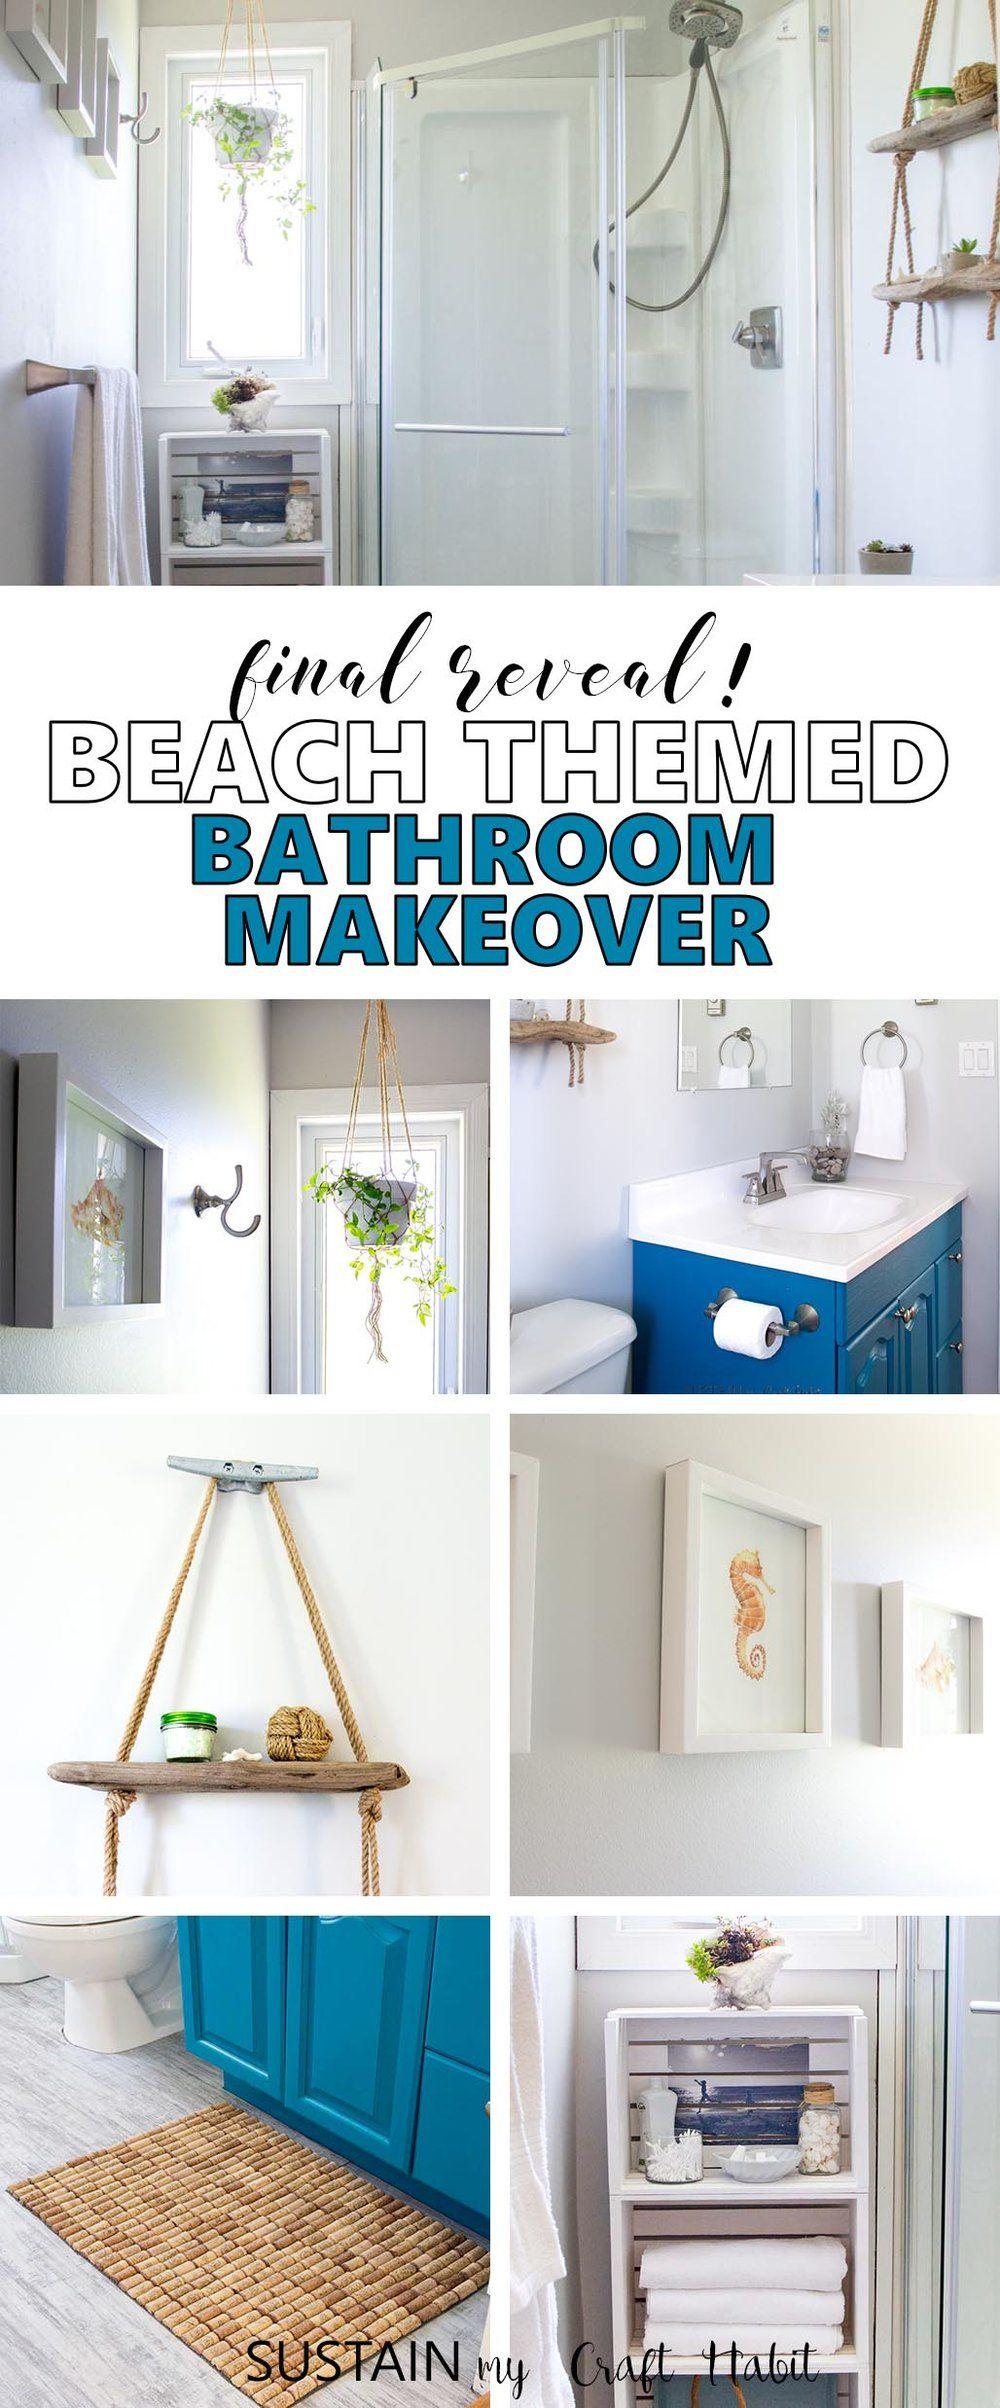 Beach Themed Bathroom Final Reveal | Beach themed bathrooms, Coastal ...